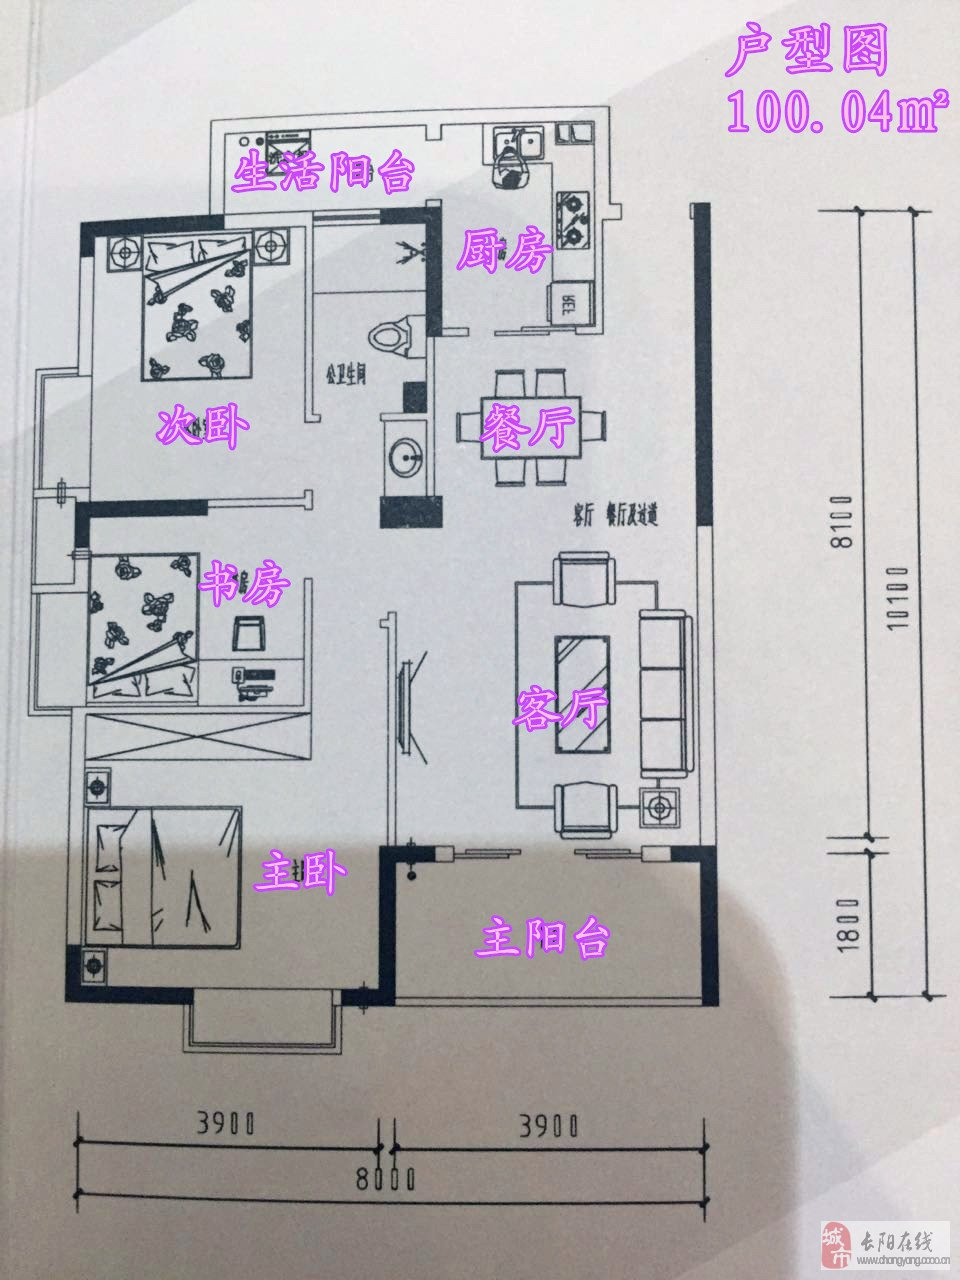 90平米两室两厅设计图展示